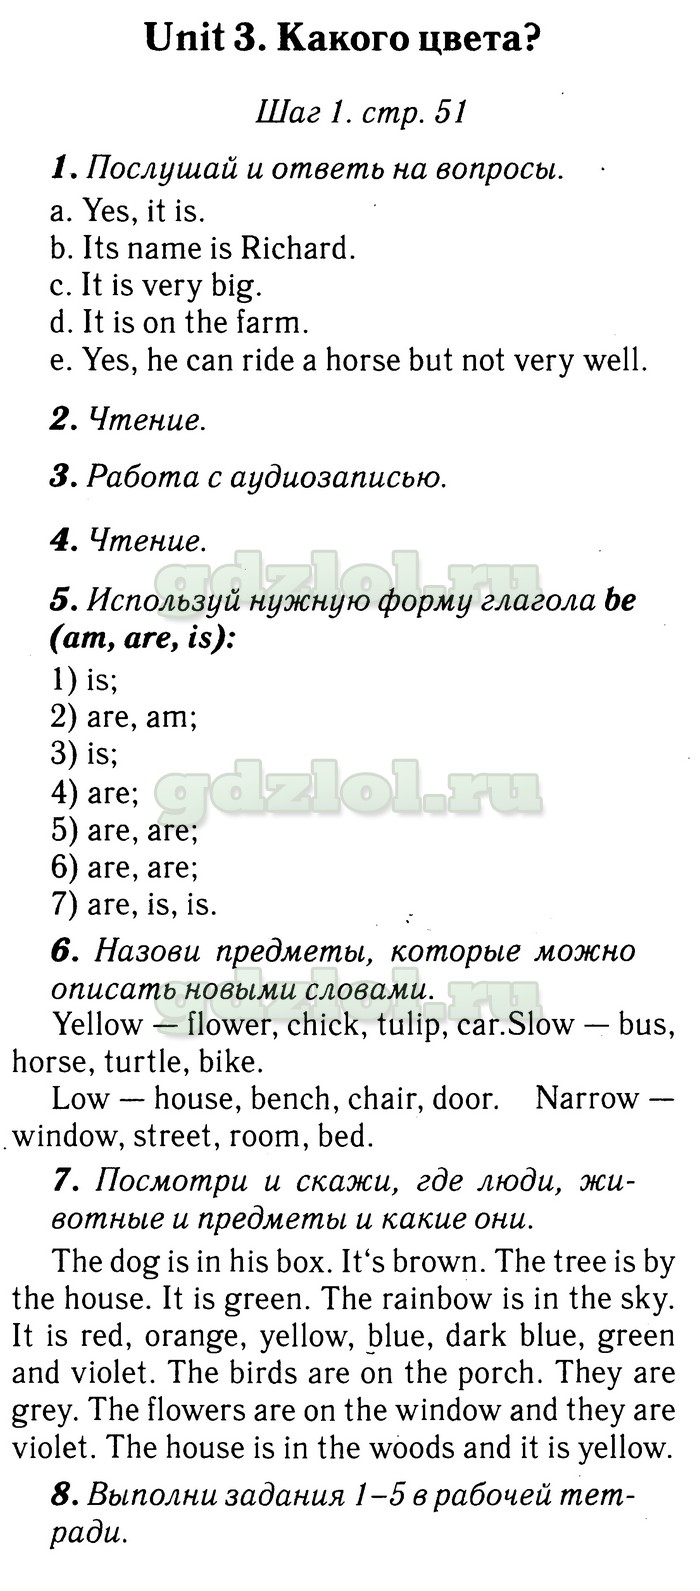 готовые домашние задания по английскому языку 5 класс о.в афанасьева и